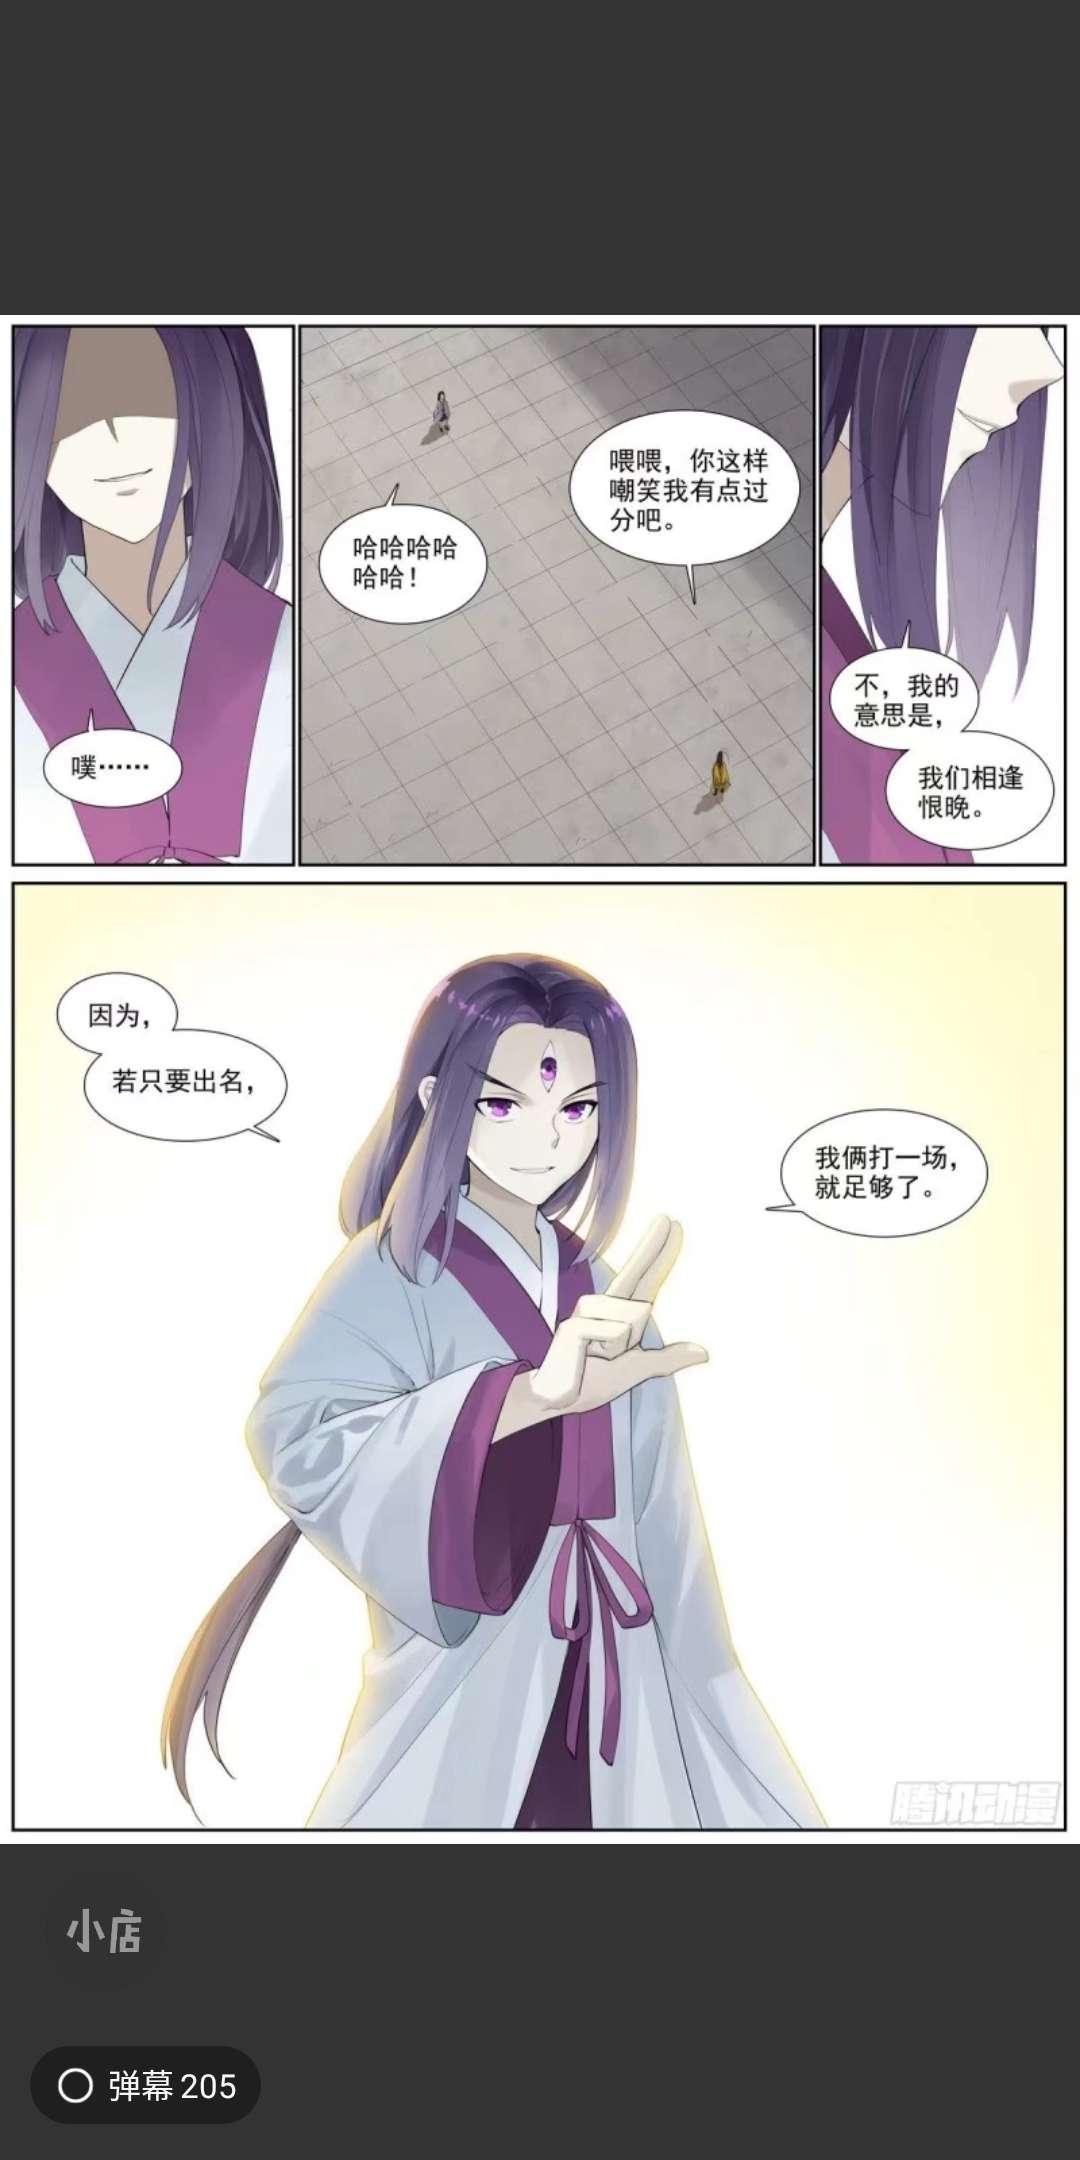 【漫画更新】狐妖小红娘524~525